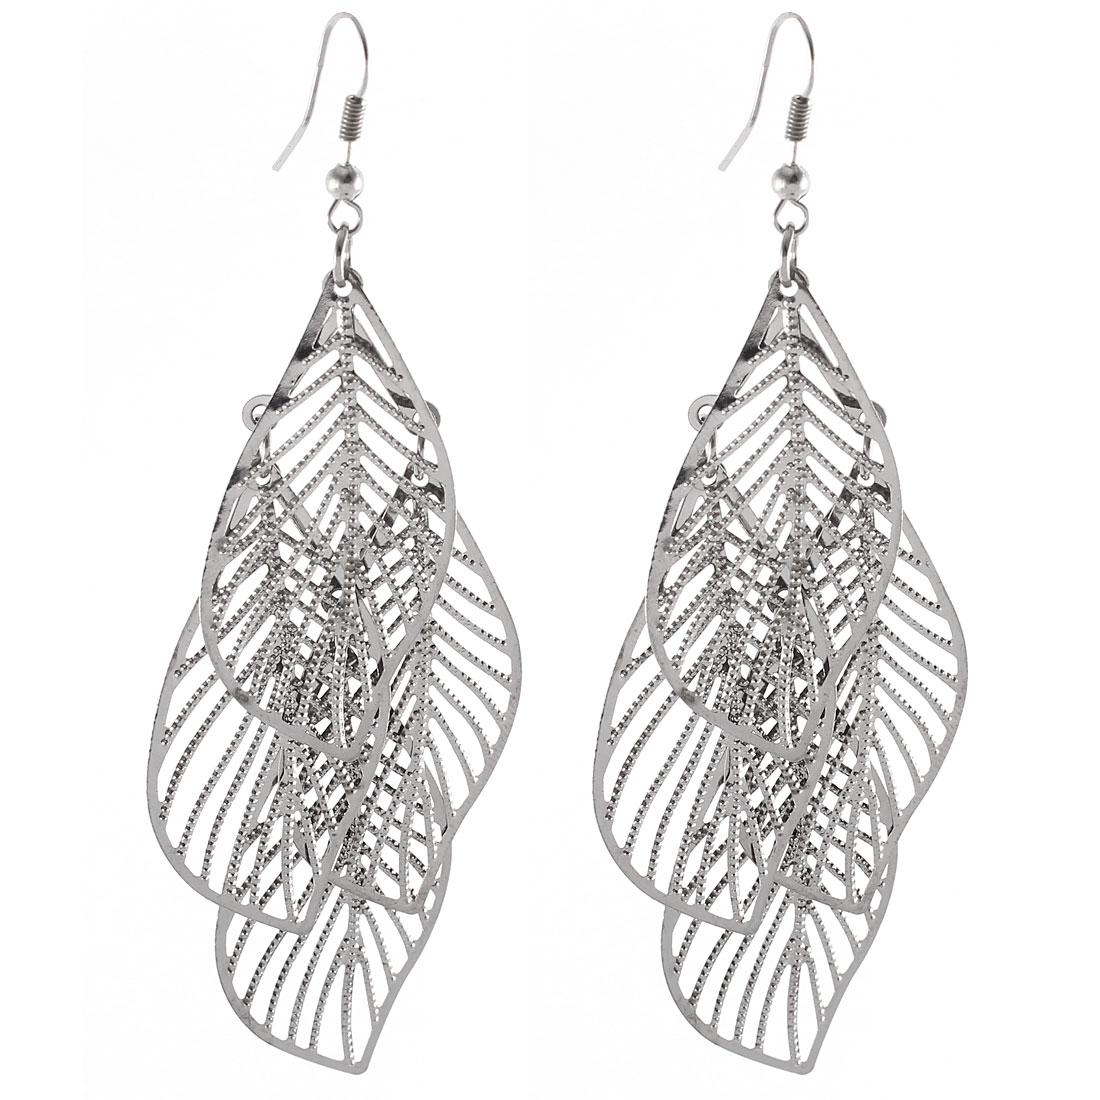 Pair Silver Copper Tone Hollow Out Leave Shape Pendant Hook Earrings Eardrop